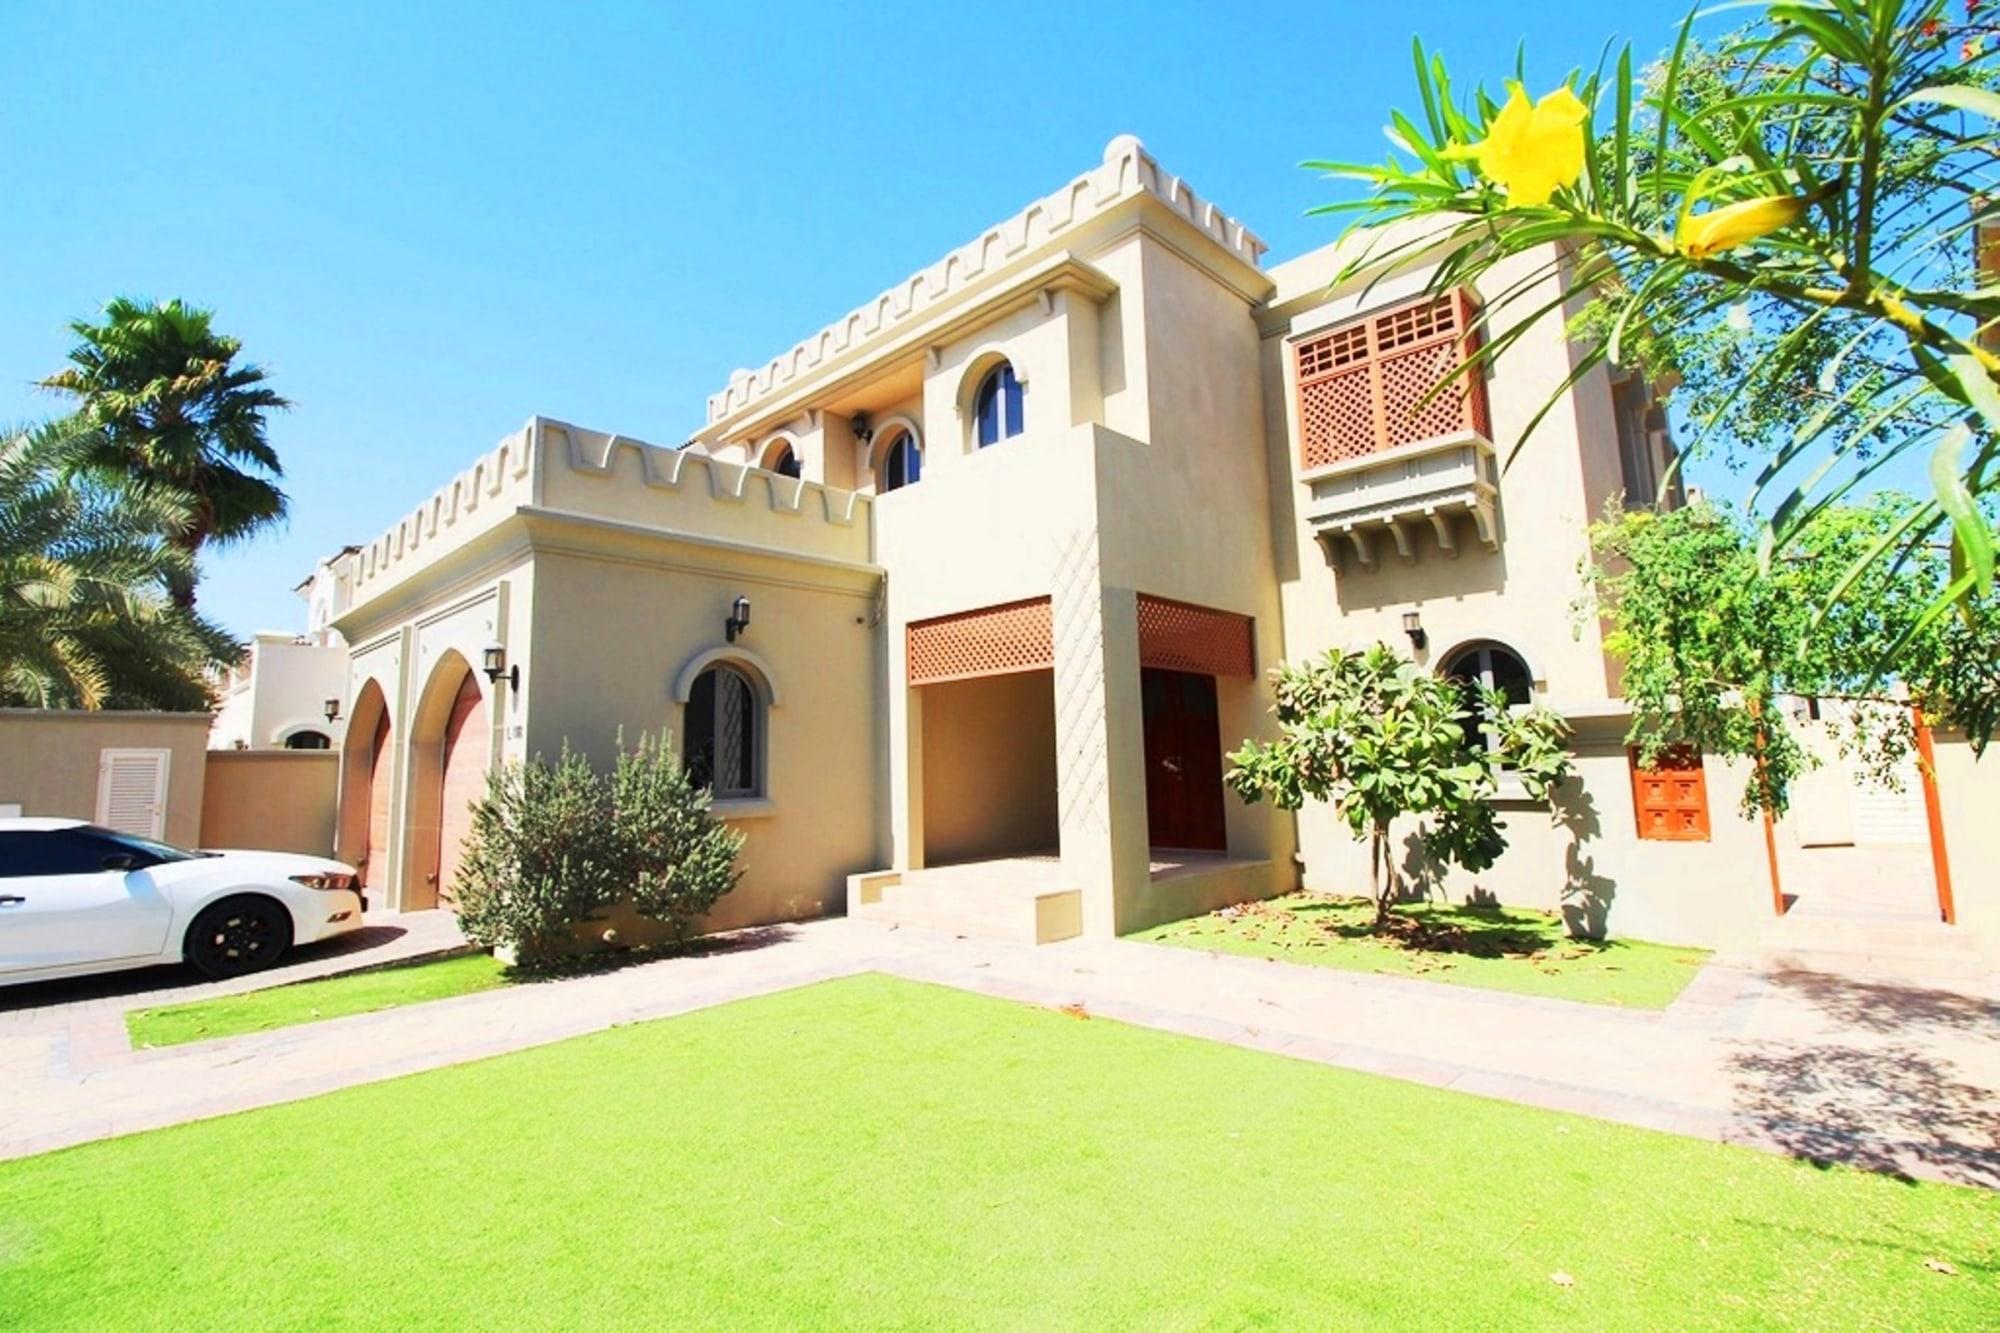 Garden Home Villa  Atlantis and Sea View